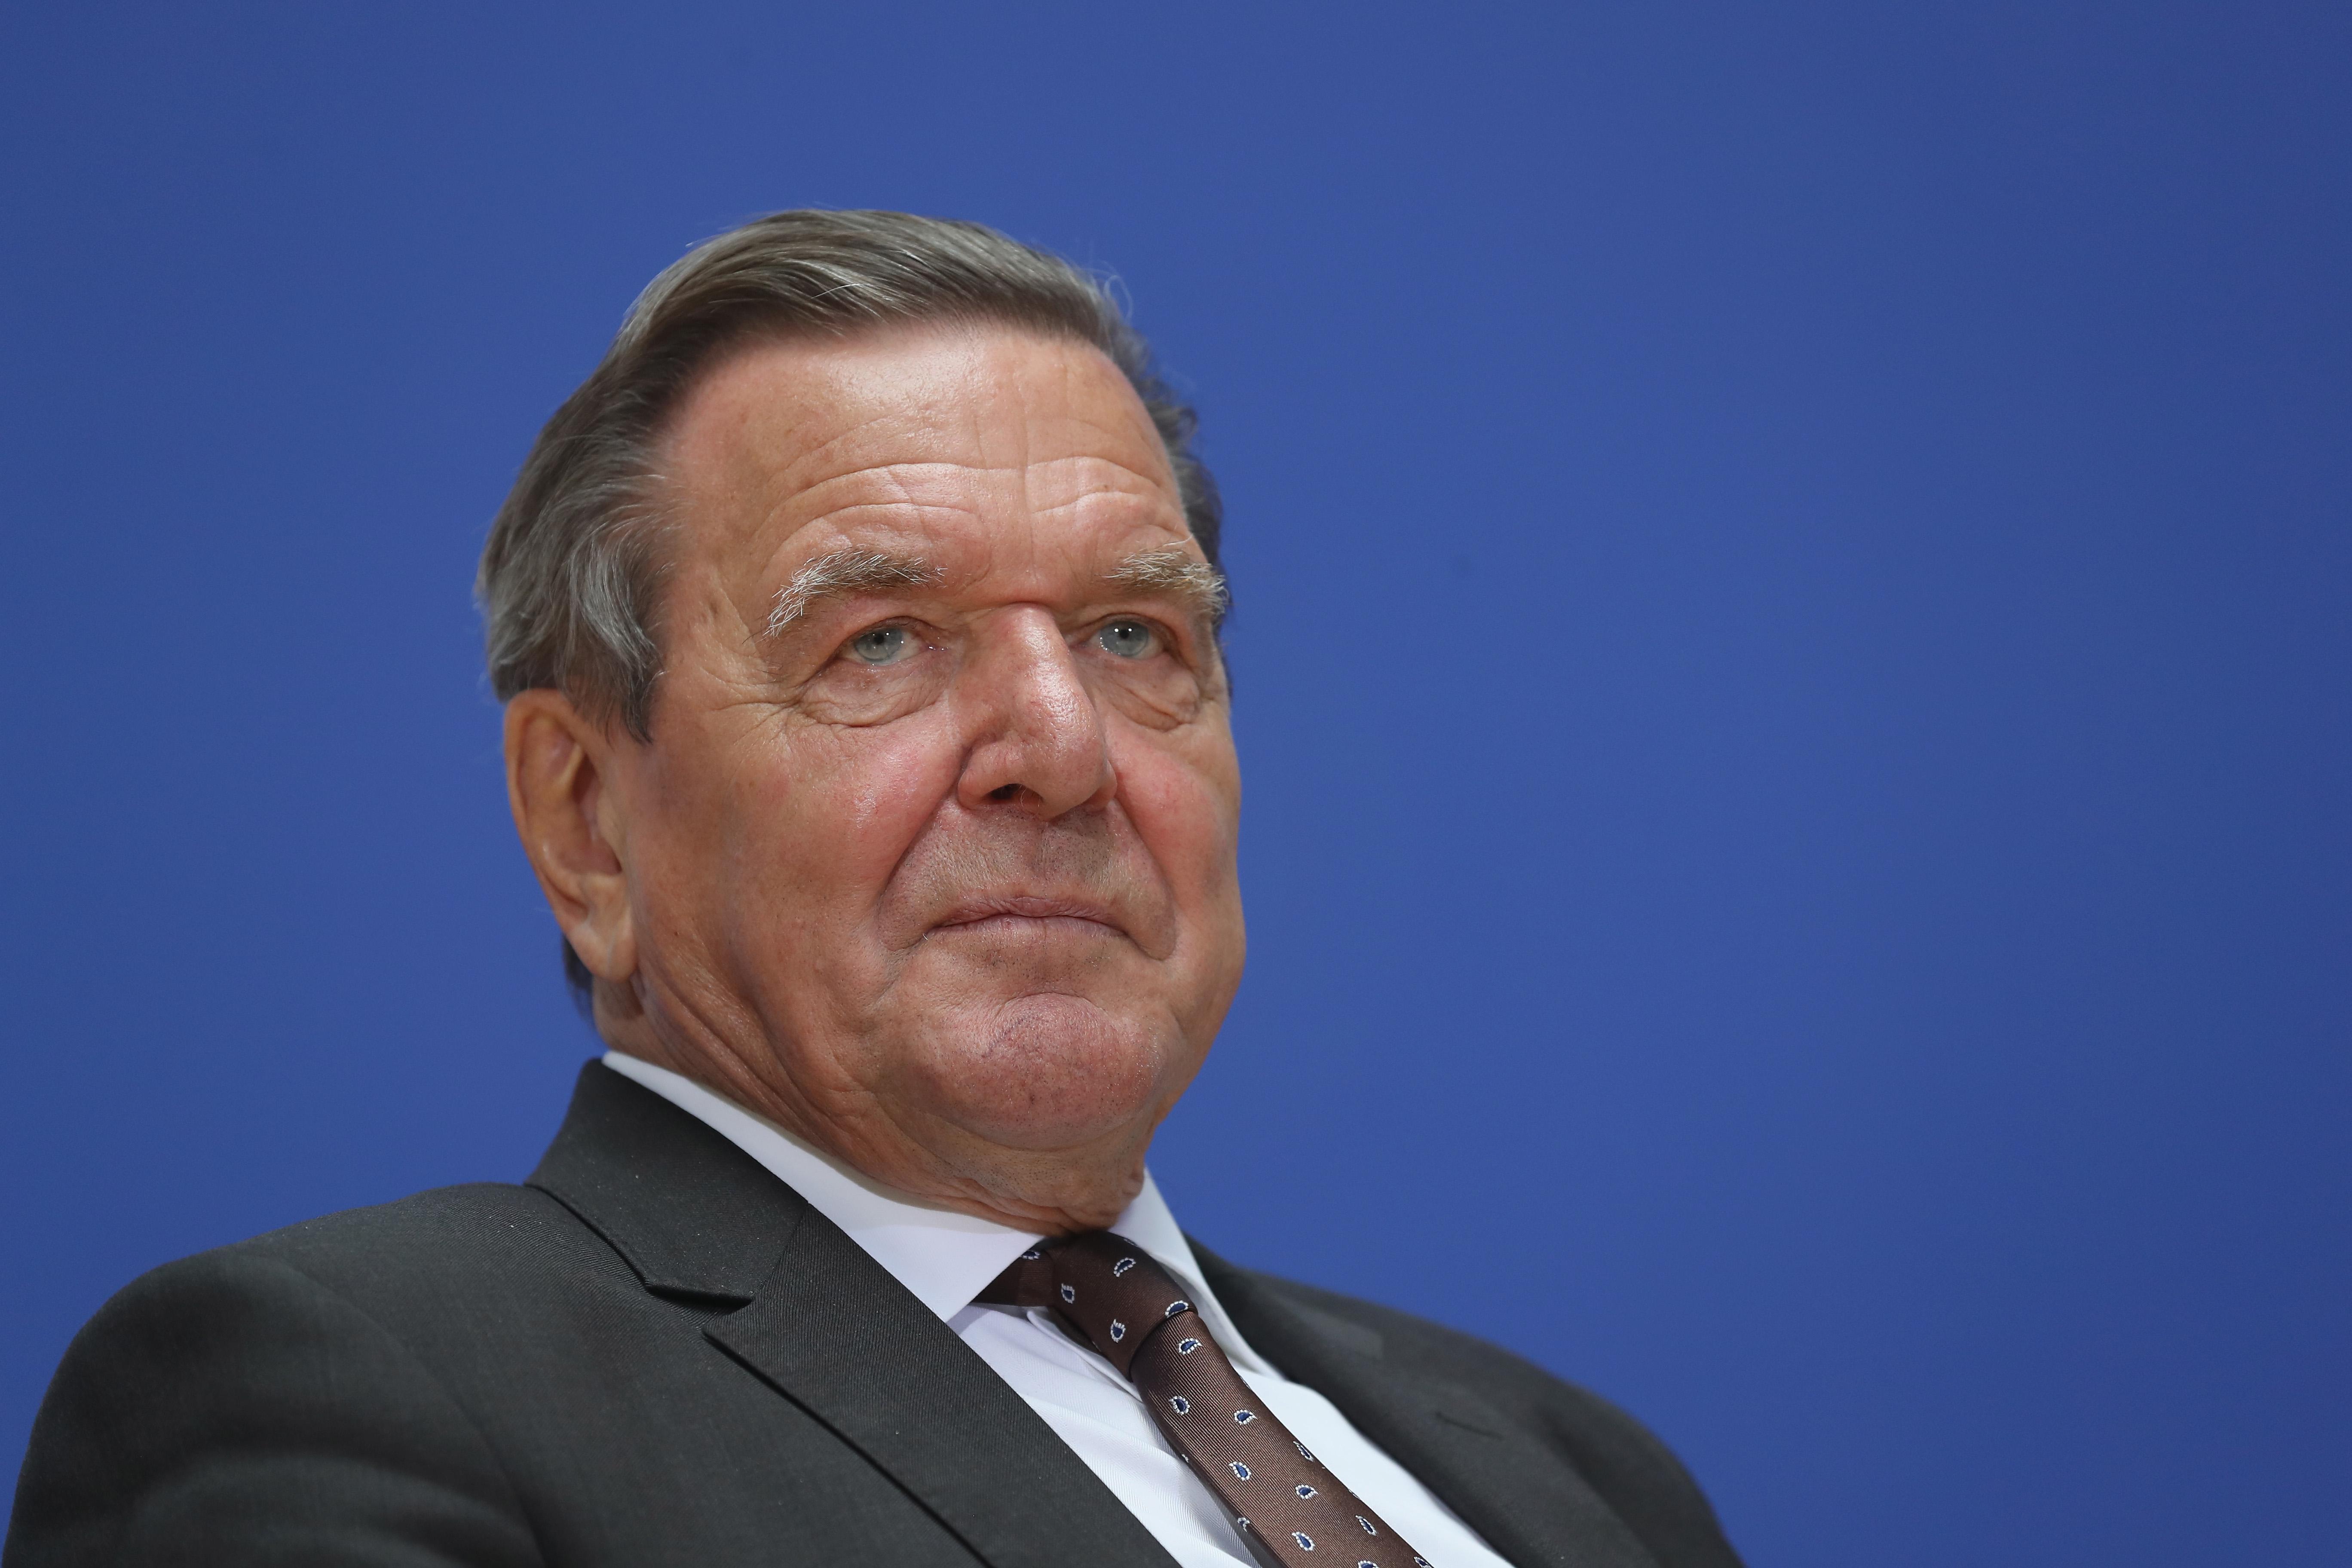 """Schröder zur Kanzlerkandidatur: """"Egal, wen die SPD aufstellt – es wird eine schwarz-grüne Regierung geben"""""""